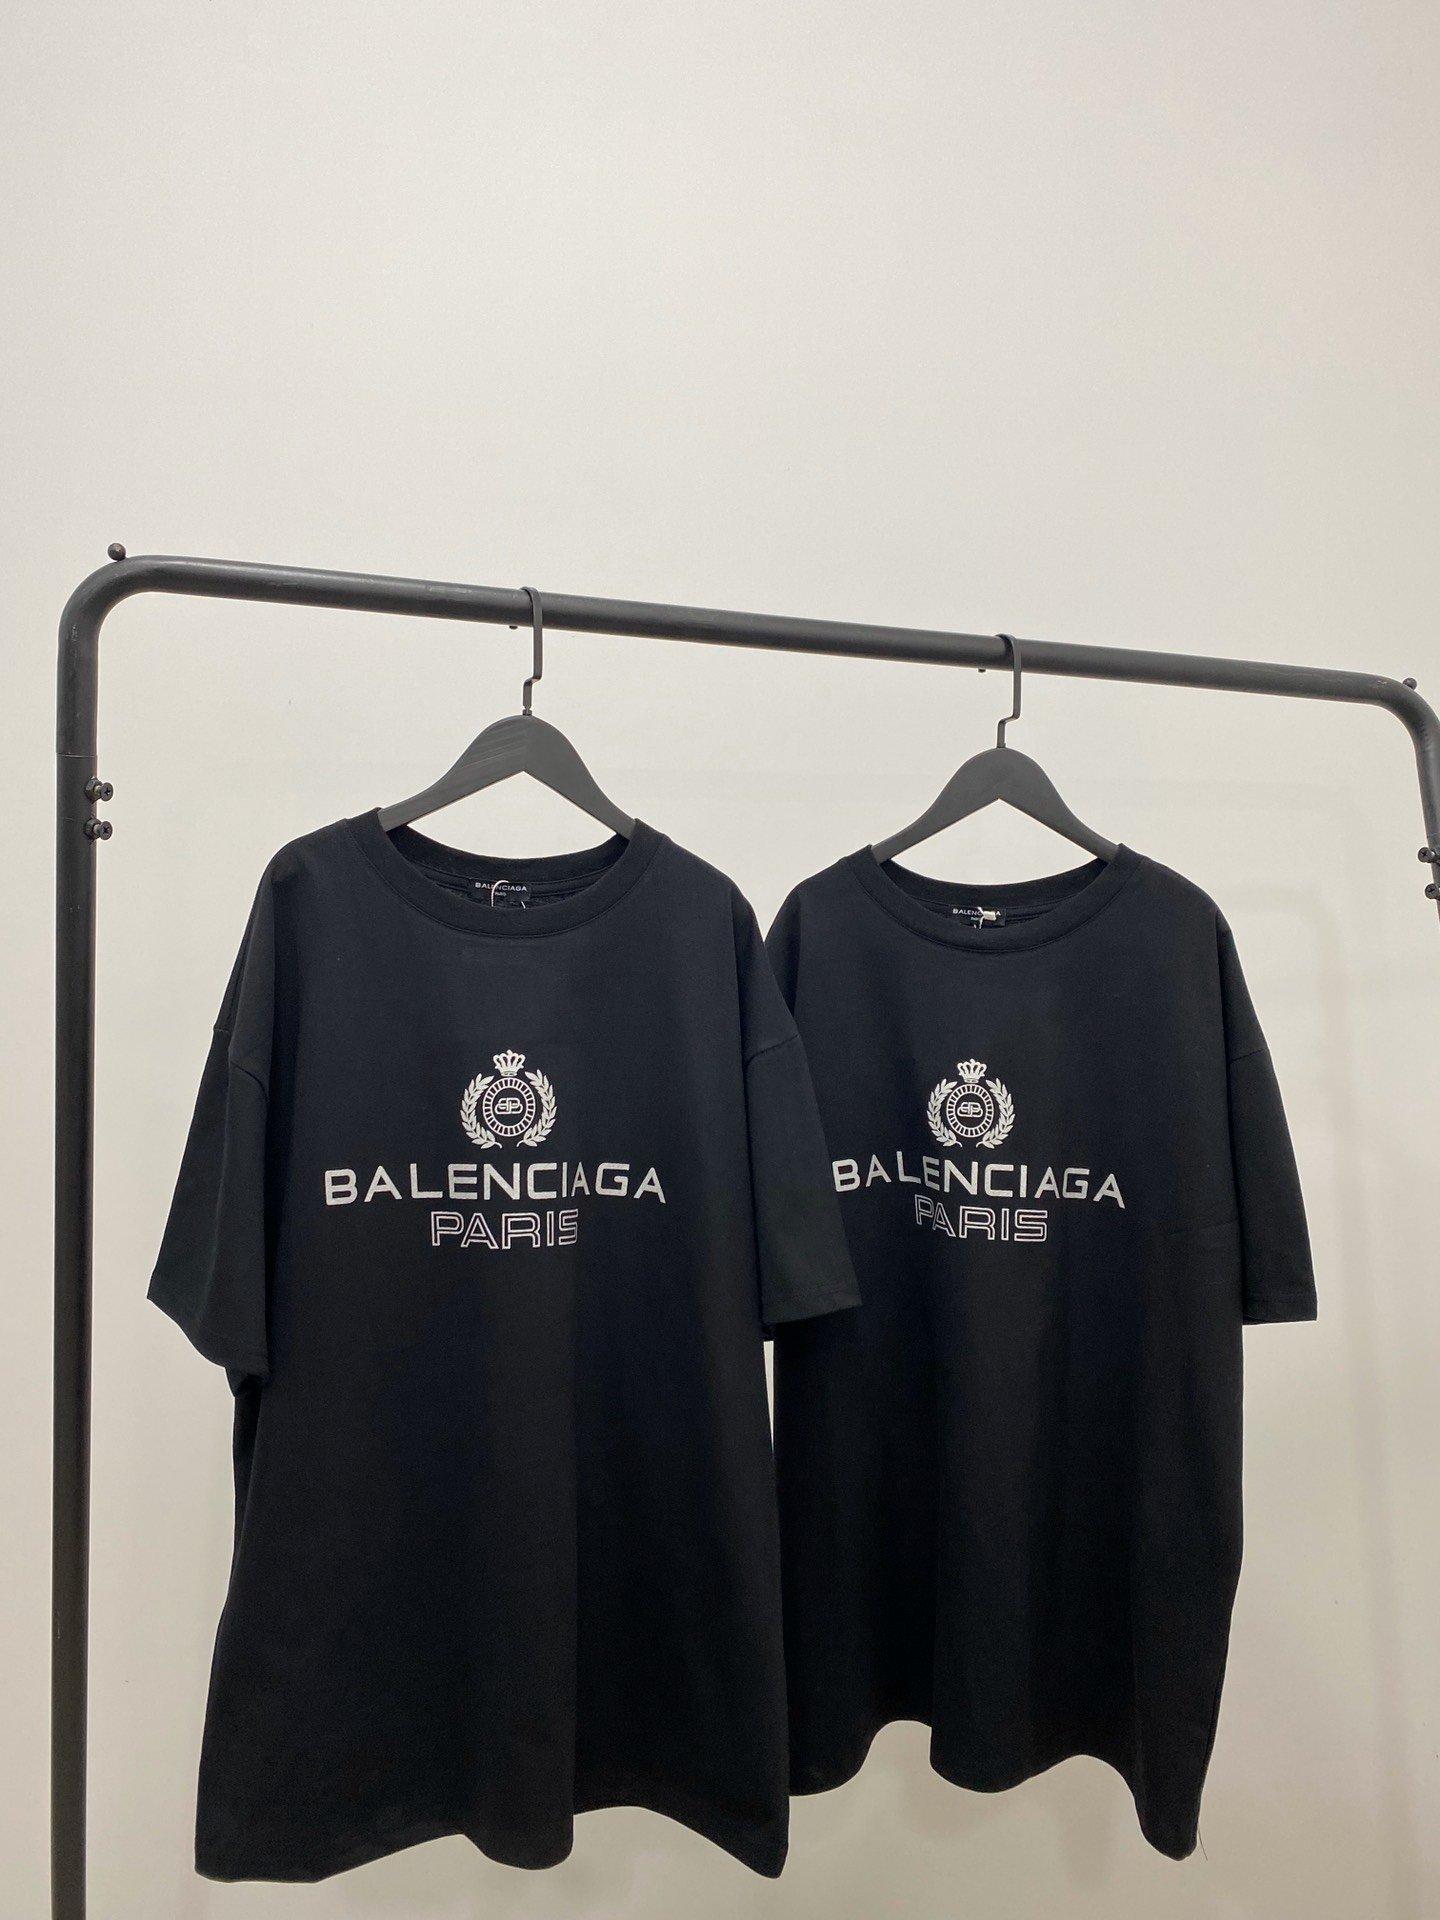 Chica 2020 venta caliente libre designerluxury Mujeres camiseta para hombre de la manera ocasional de primavera y verano camisetas de alta calidad de lujo camiseta 2021501Y